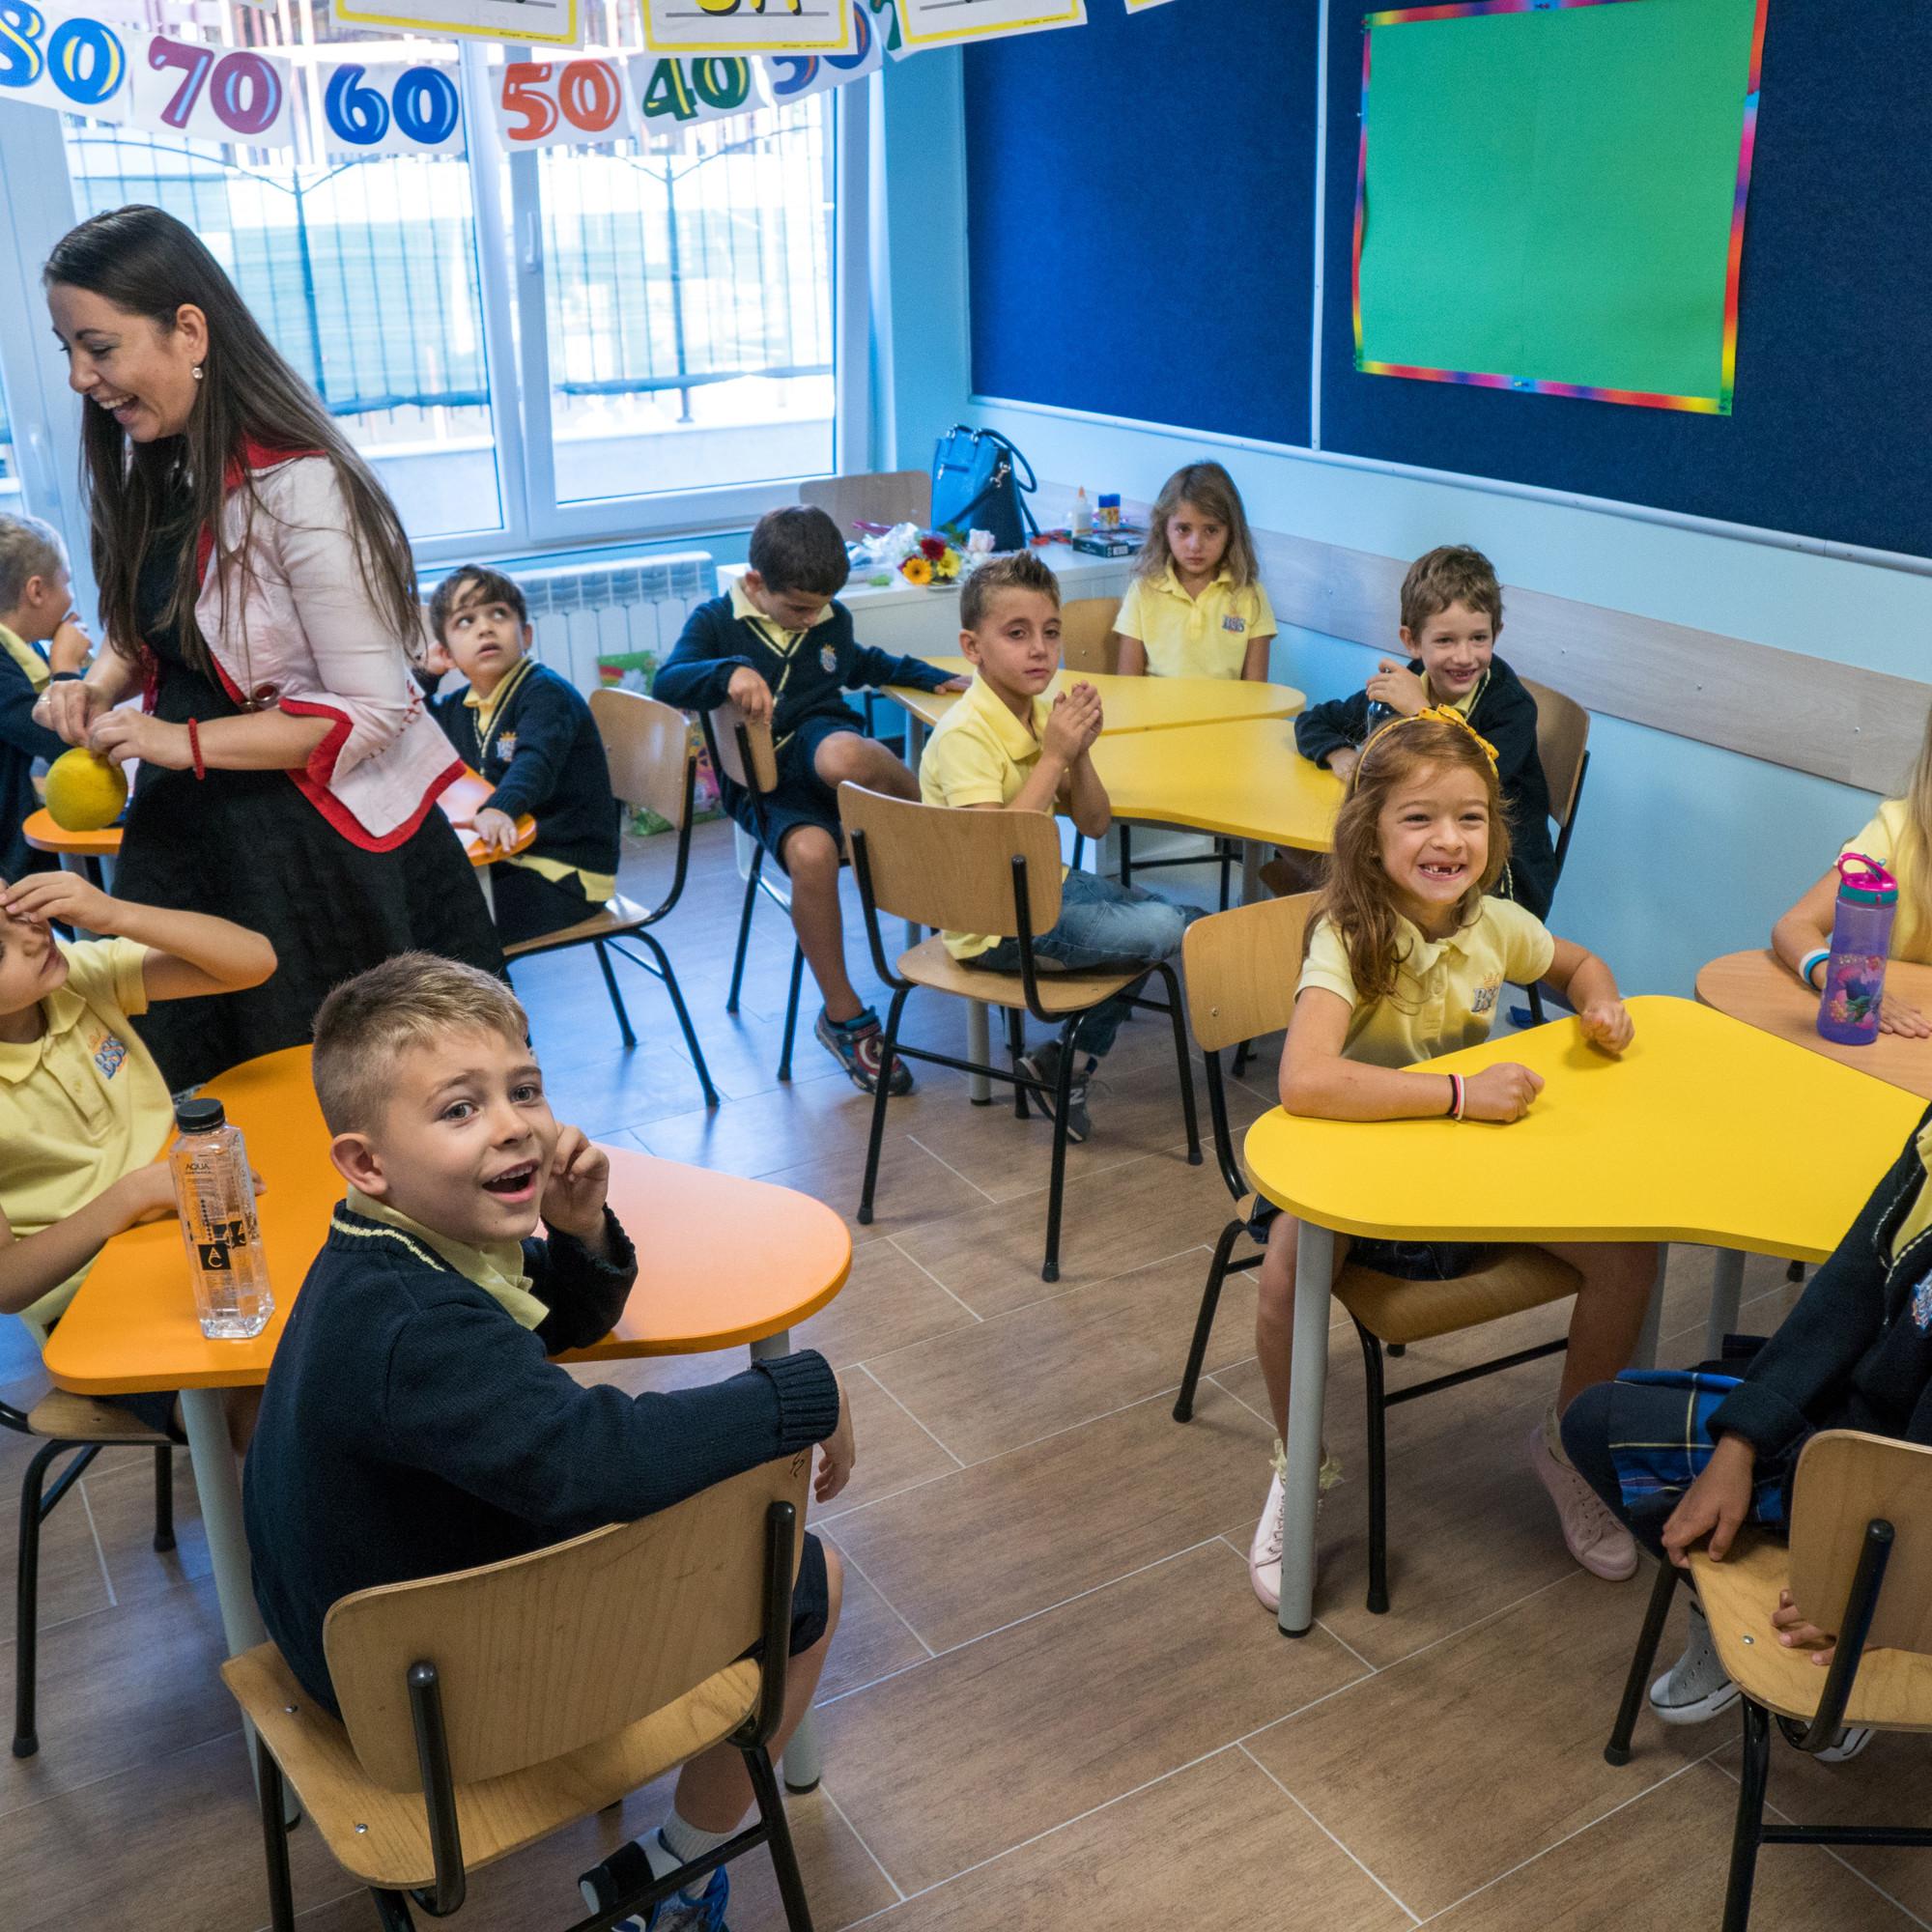 Schools Education3 18 19south Haven: British School Of Sofia Primary School